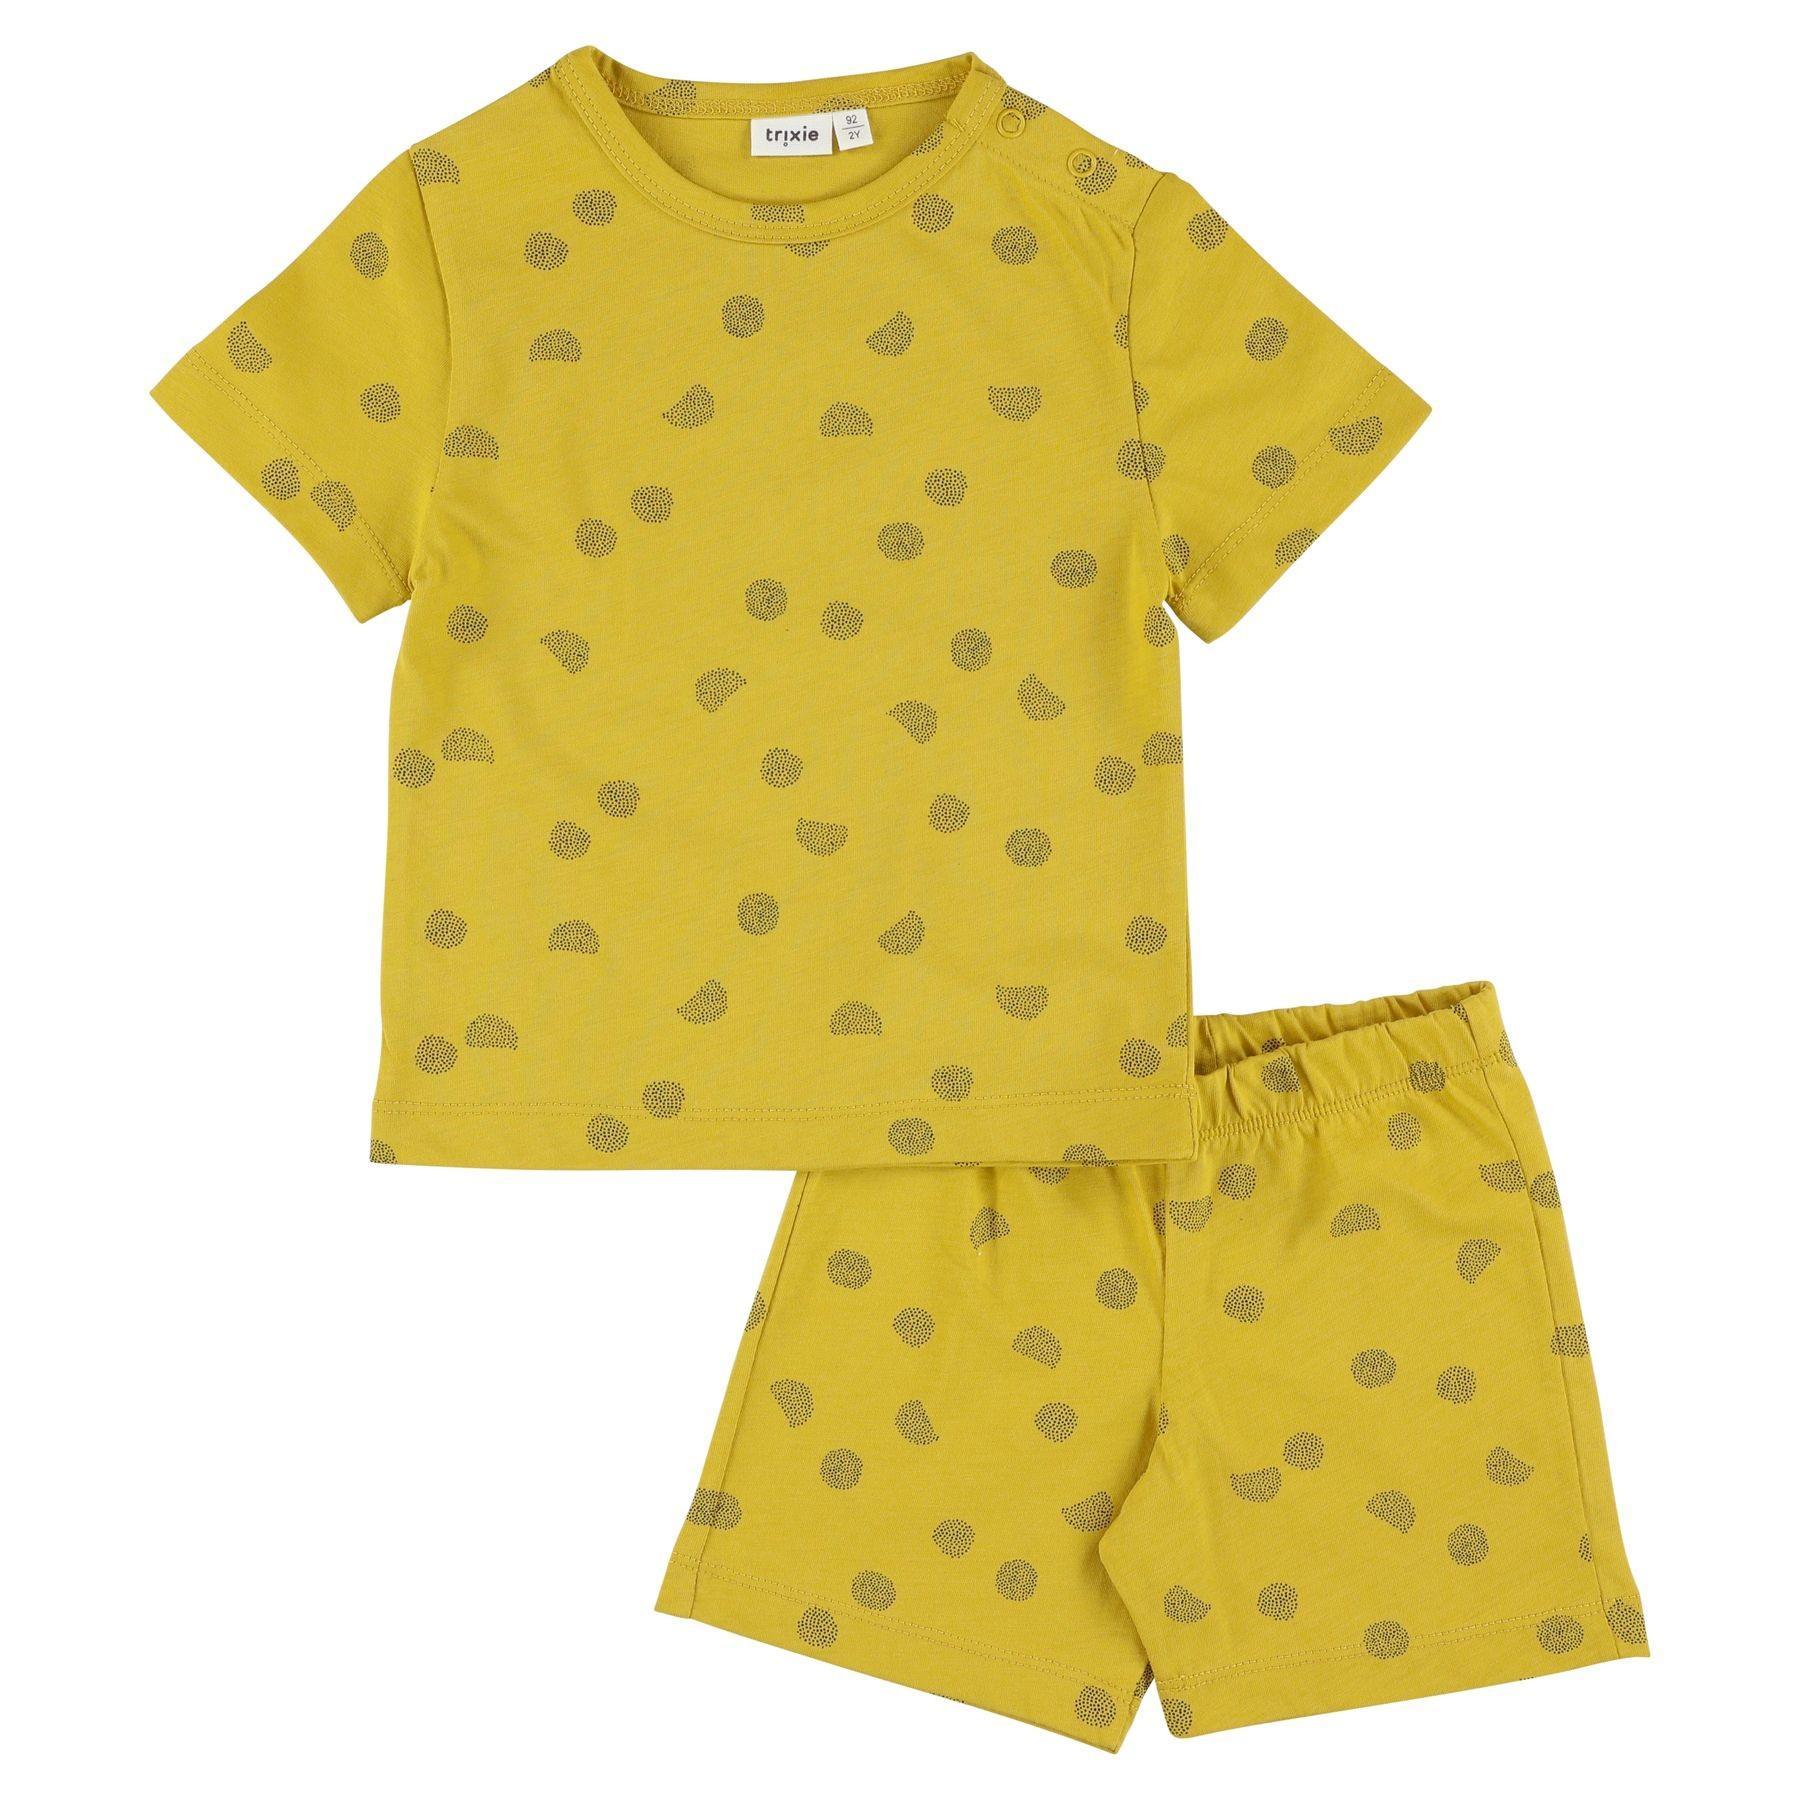 Trixie - 2-delige pyjama kort - Sunny Spots - 3Y